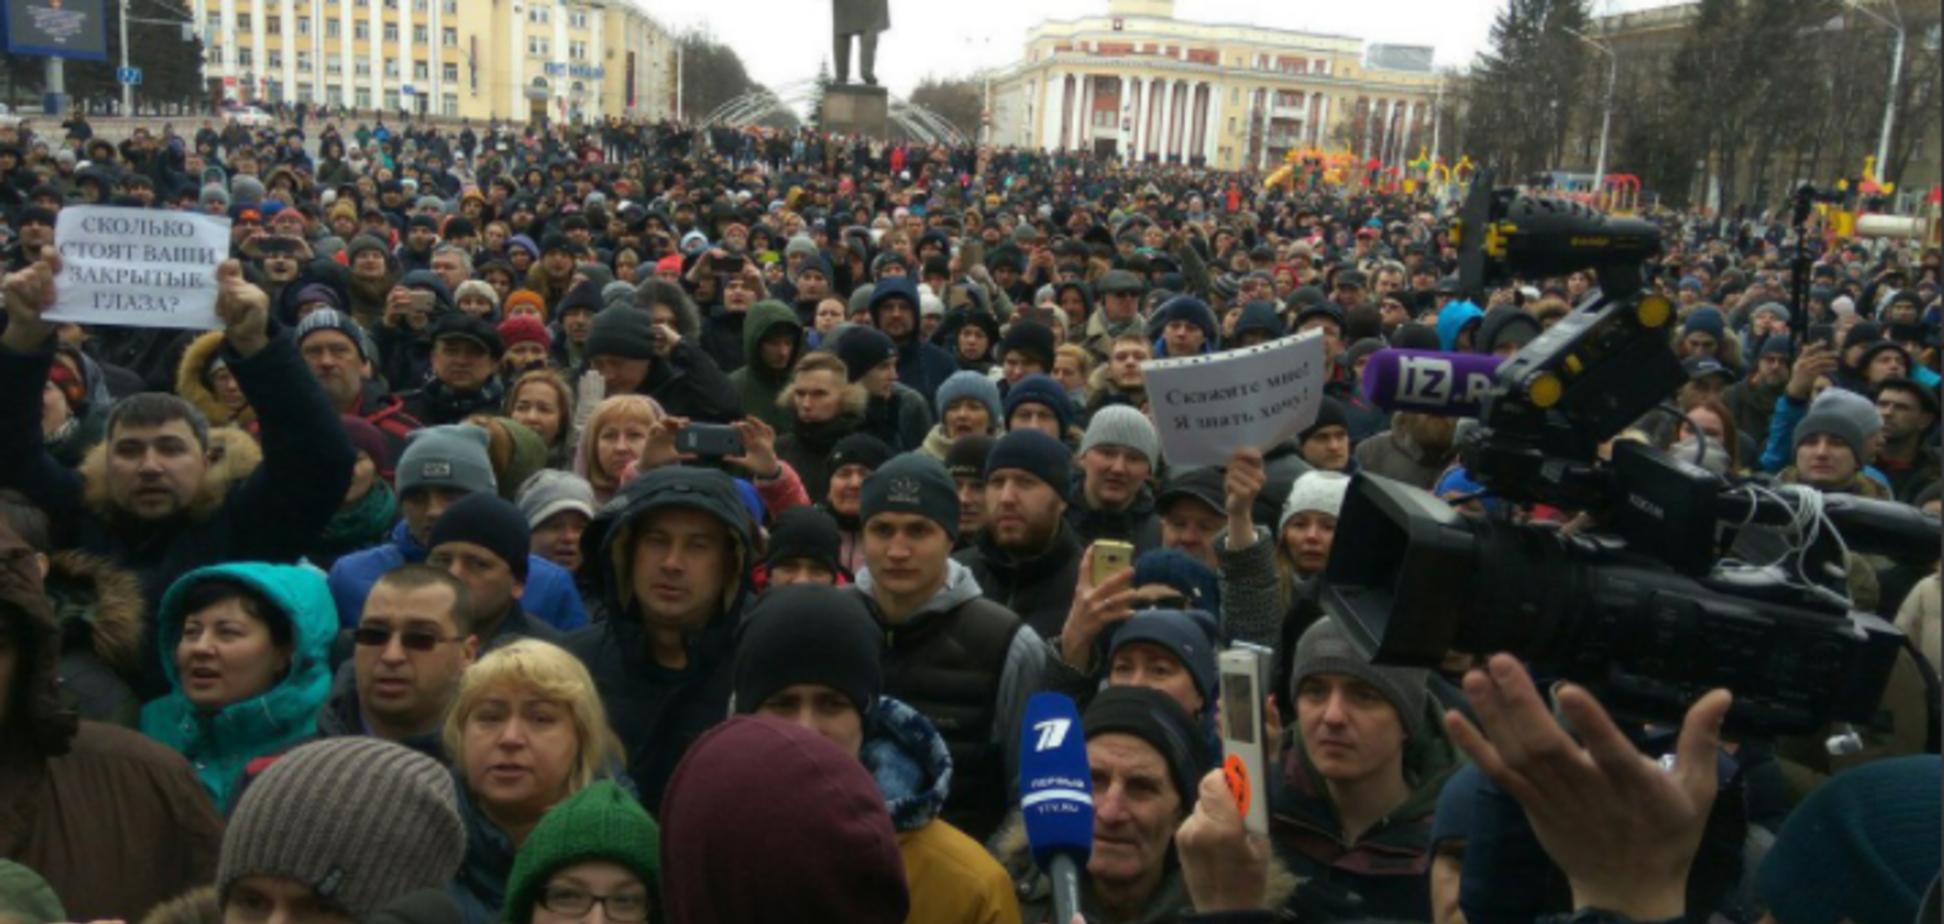 Тысячи жителей Кемерово вышли на протест